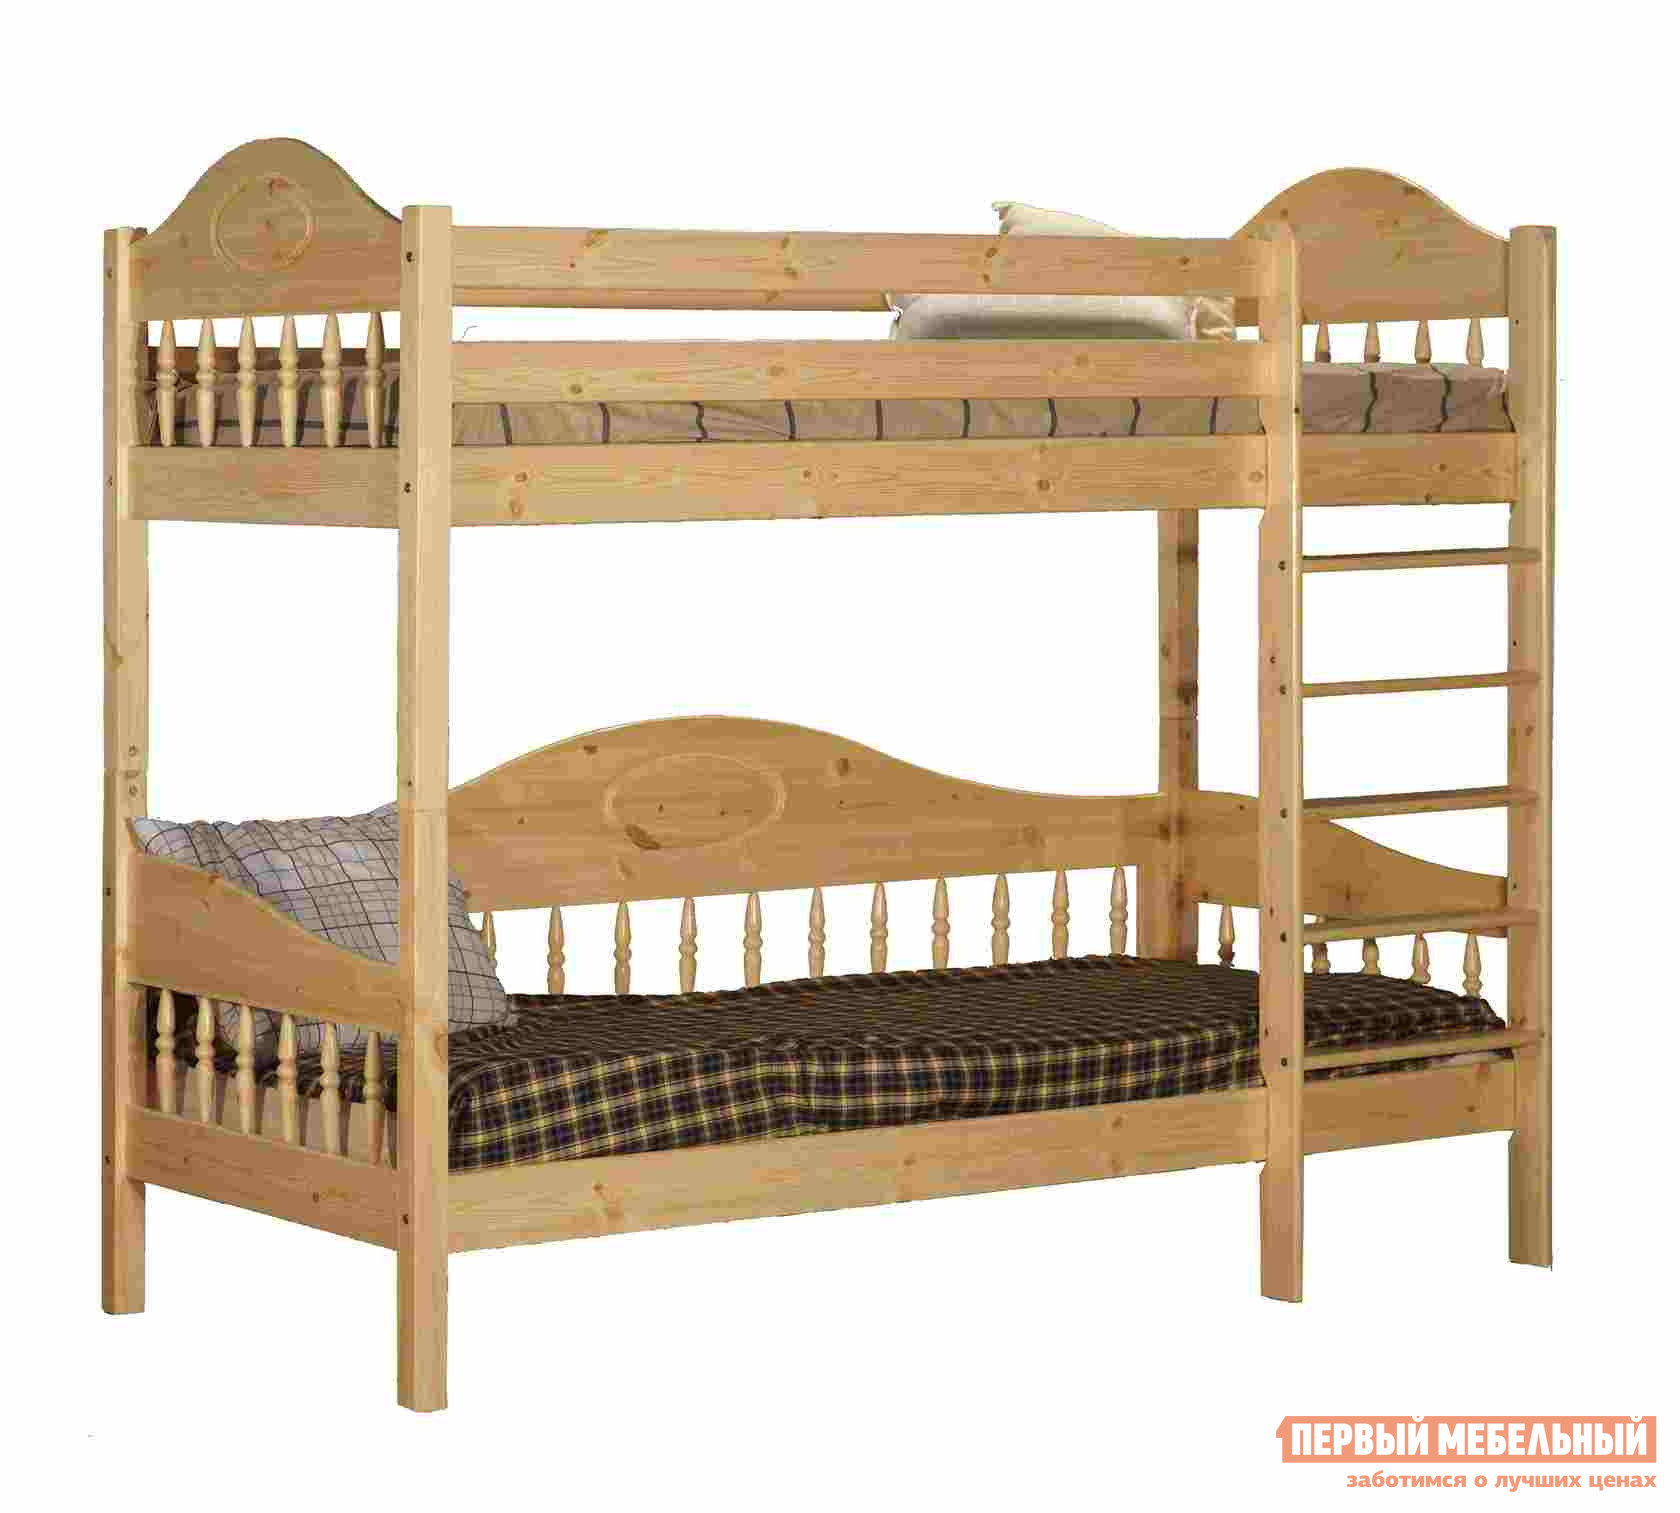 Матрас детский Timberica Кровать 2-ярусная Фрея (F3) Спальное место 700 Х 2000 мм, Бесцветный лак от Купистол